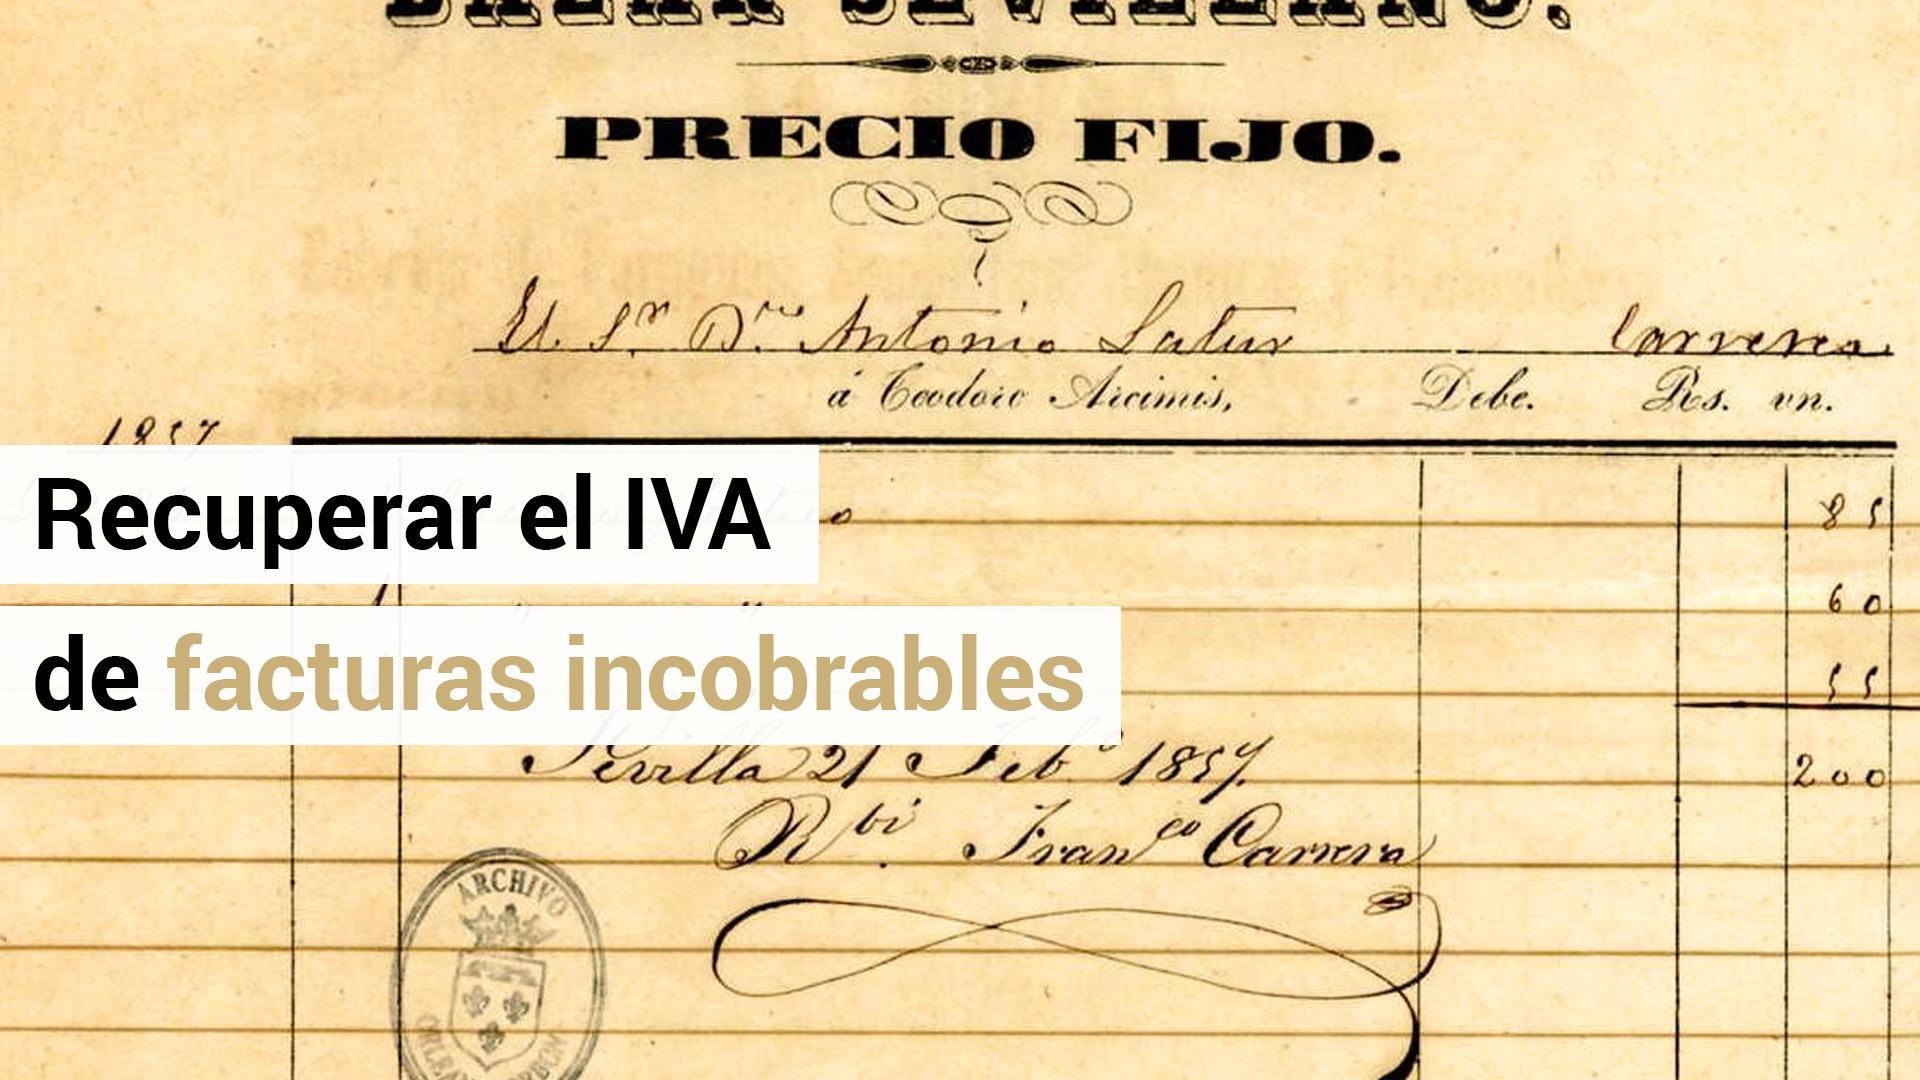 Requisitos para recuperar el IVA de facturas incobrables tras la Reforma Fiscal